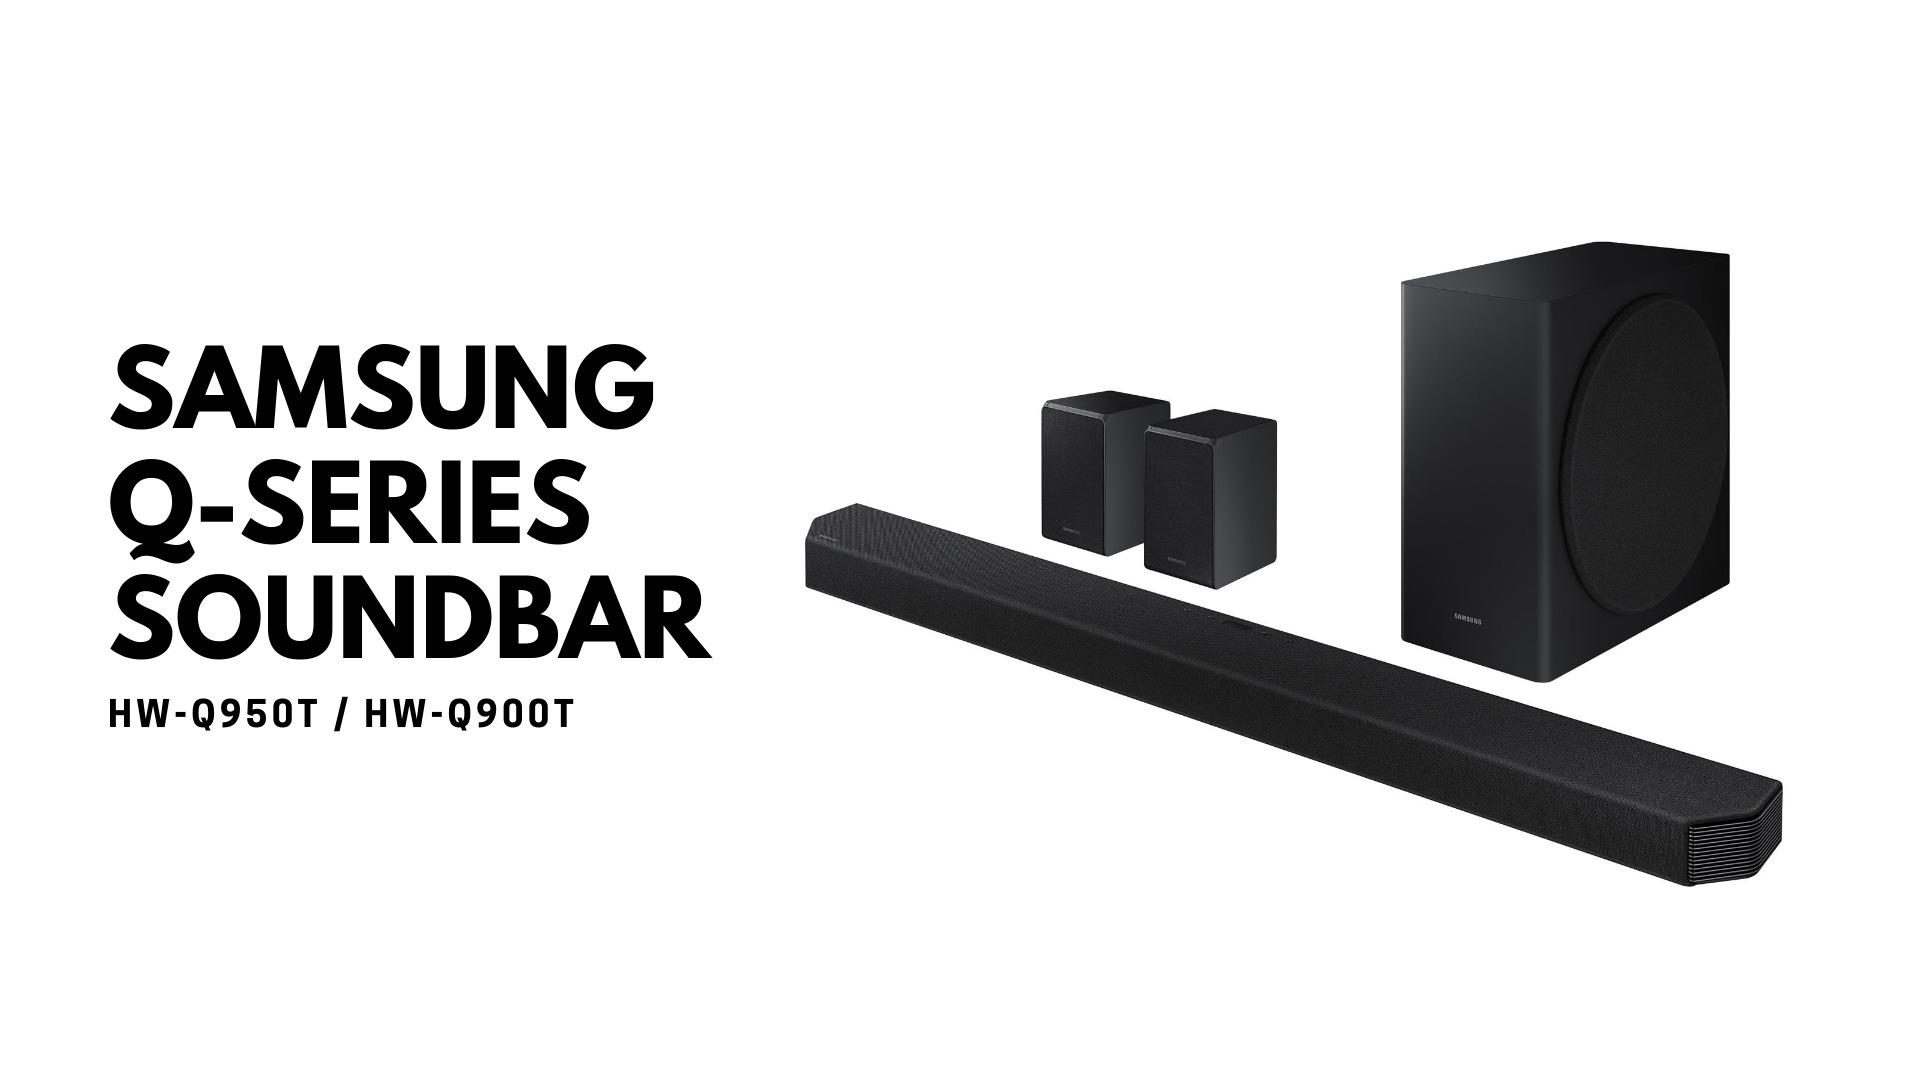 Samsung Q-Series Soundbar